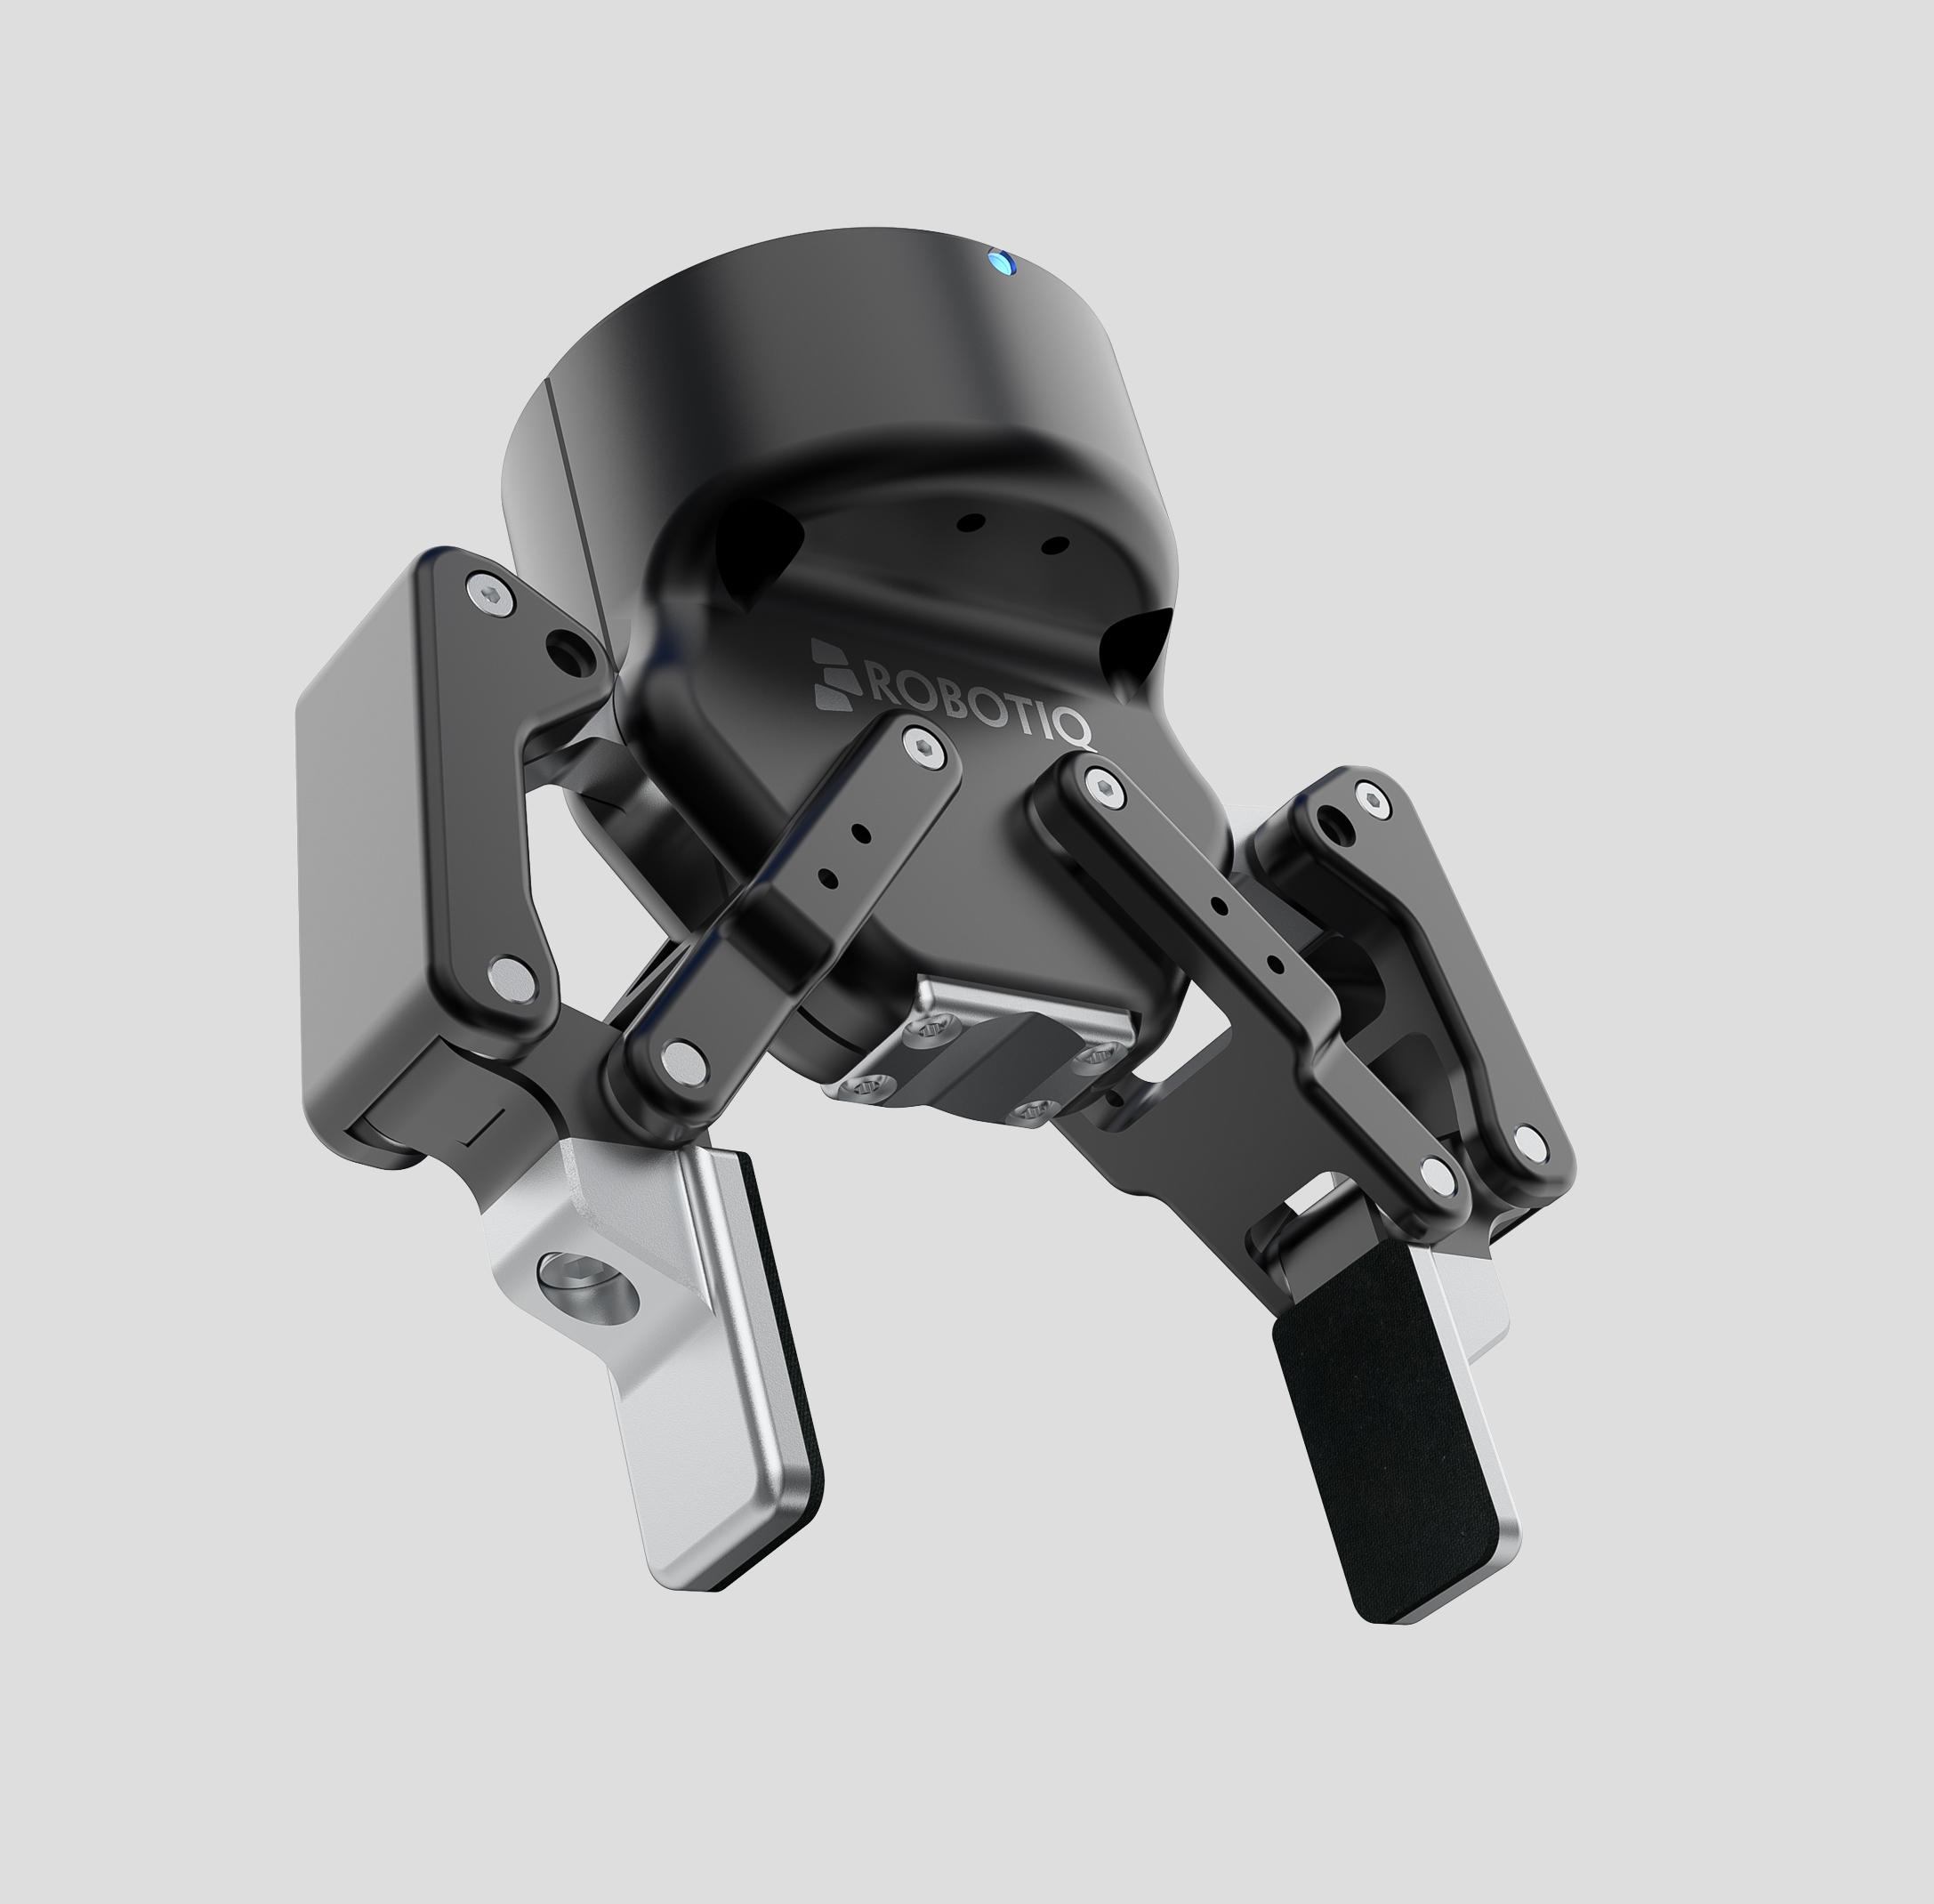 Robotiq / 2F-85 Finger